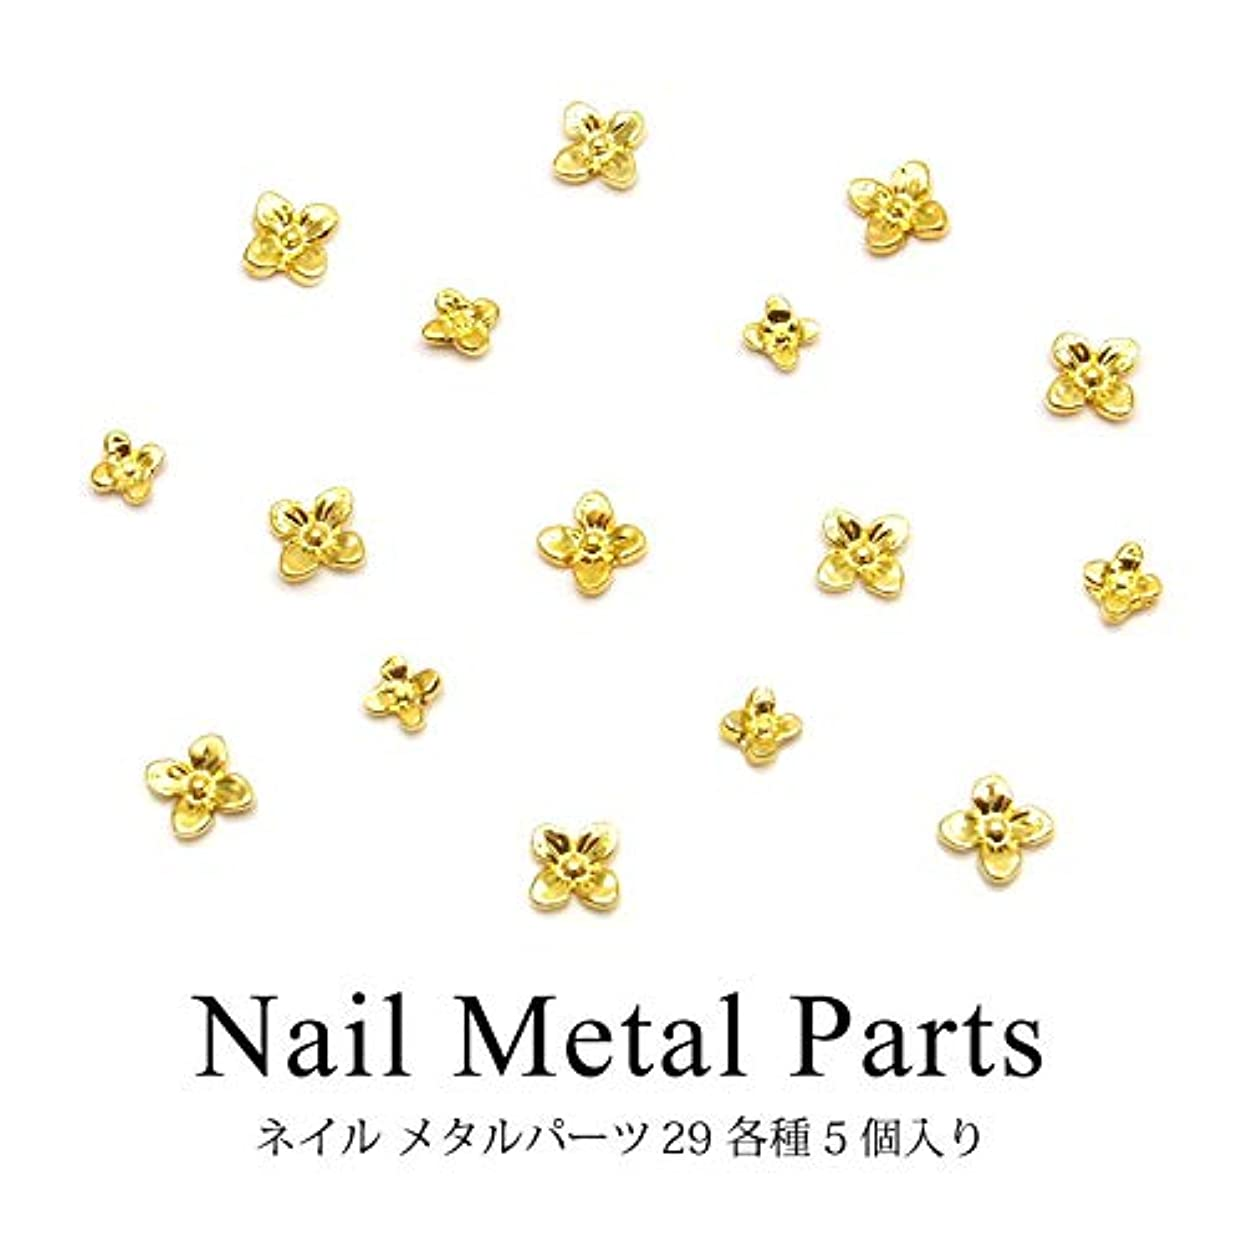 降伏障害等しいネイル メタルパーツ 29 各種5個入り (ゴールド, 2.リトルフラワー 大)